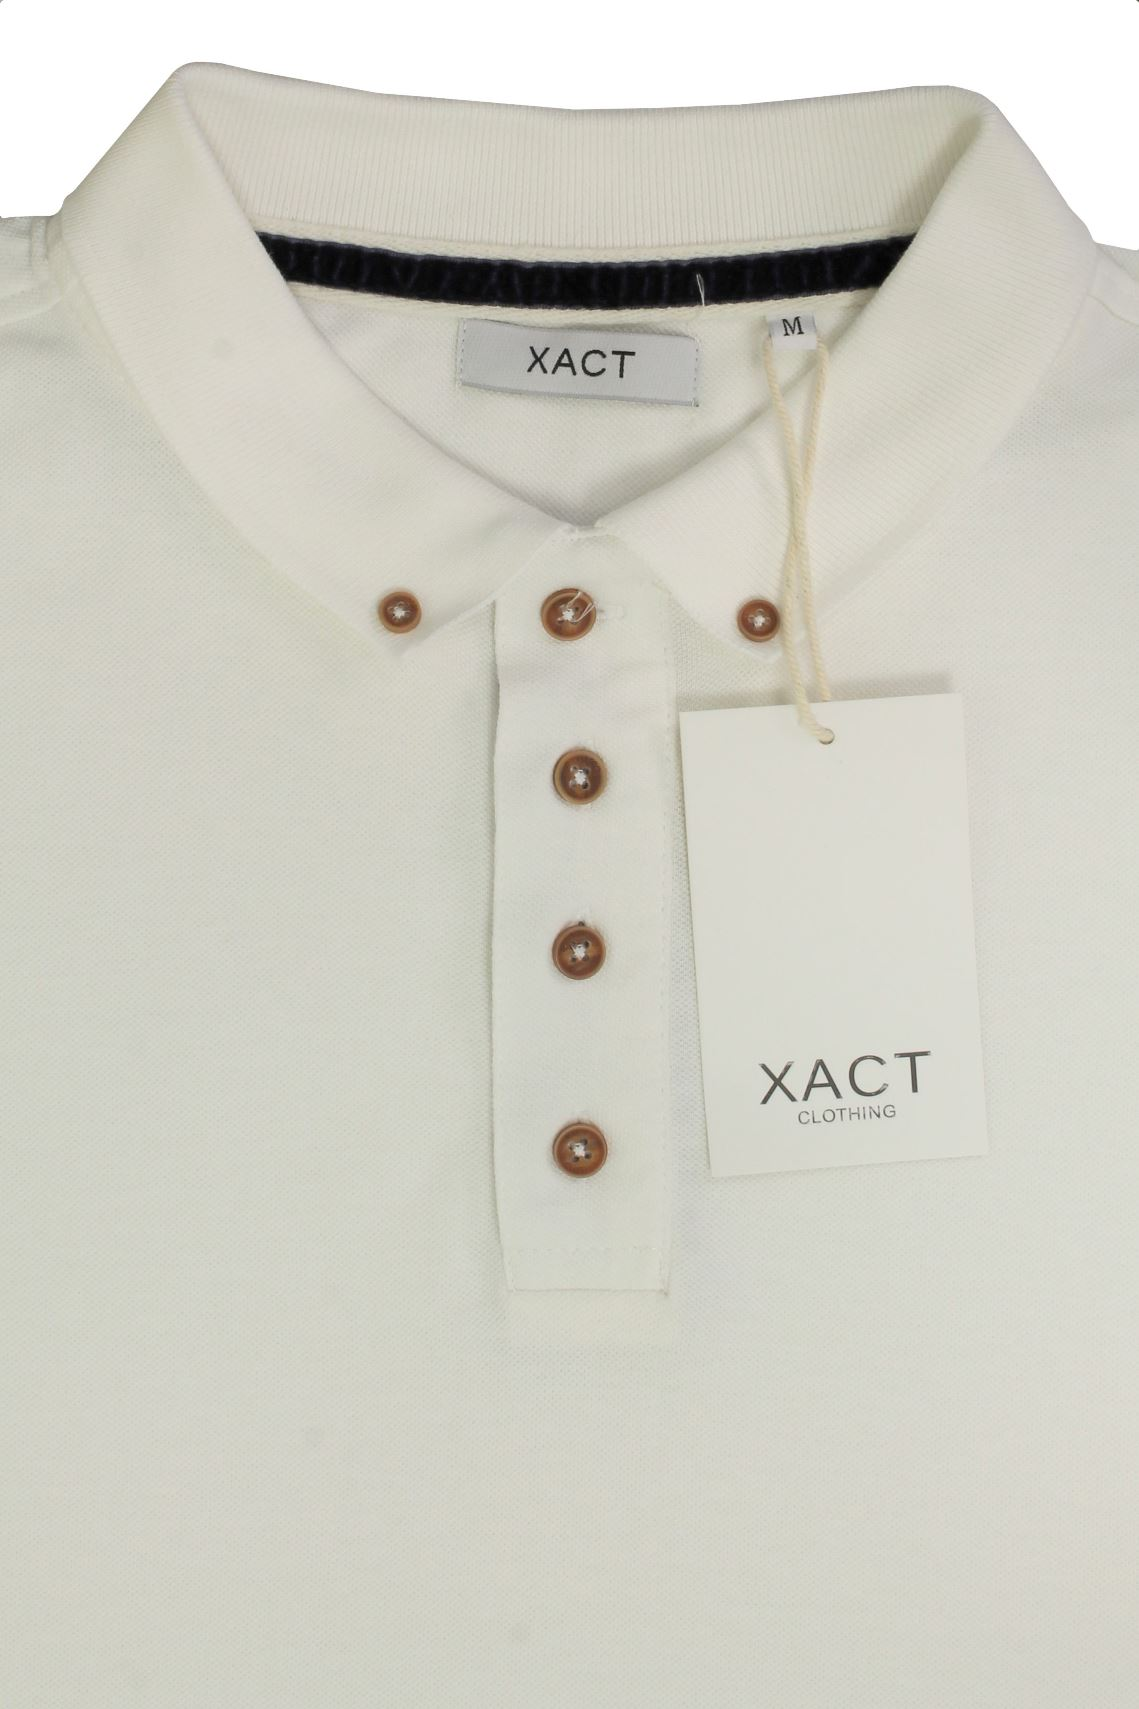 Camiseta-Polo-Para-Hombre-Por-Xact-pique-de-manga-larga miniatura 10